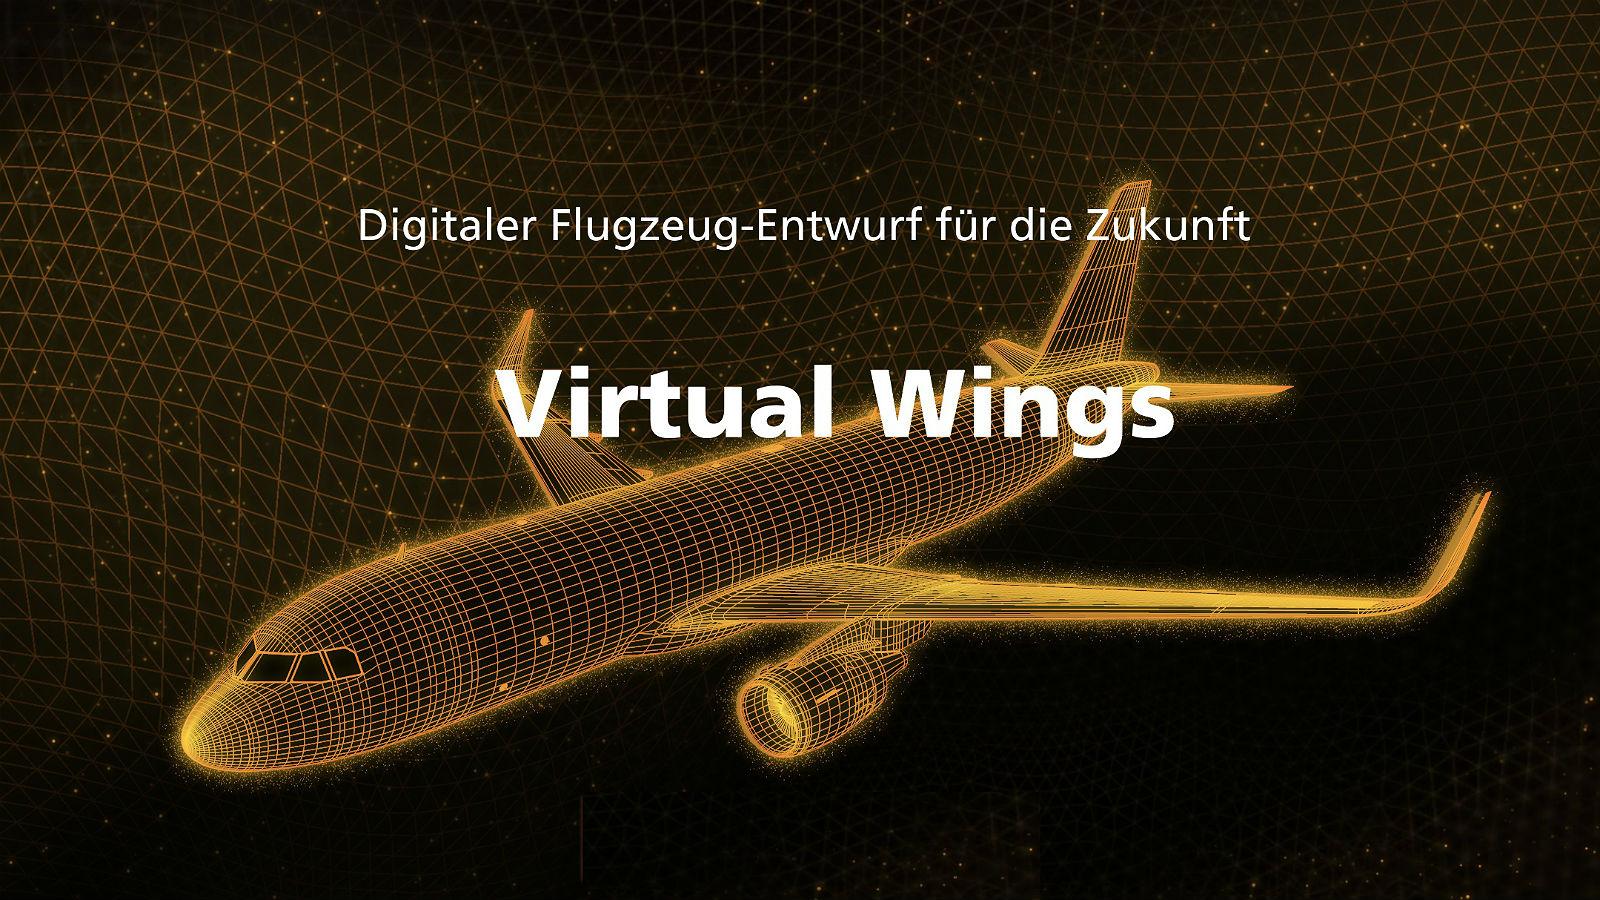 """Das eigene Flugzeug entwerfen und dann im """"Testflug"""" erproben – das ist die Aufgabe dieses digitalen Lernspiels des DLR, das sich """"Virtual Wings"""" nennt. Bild: DLR"""